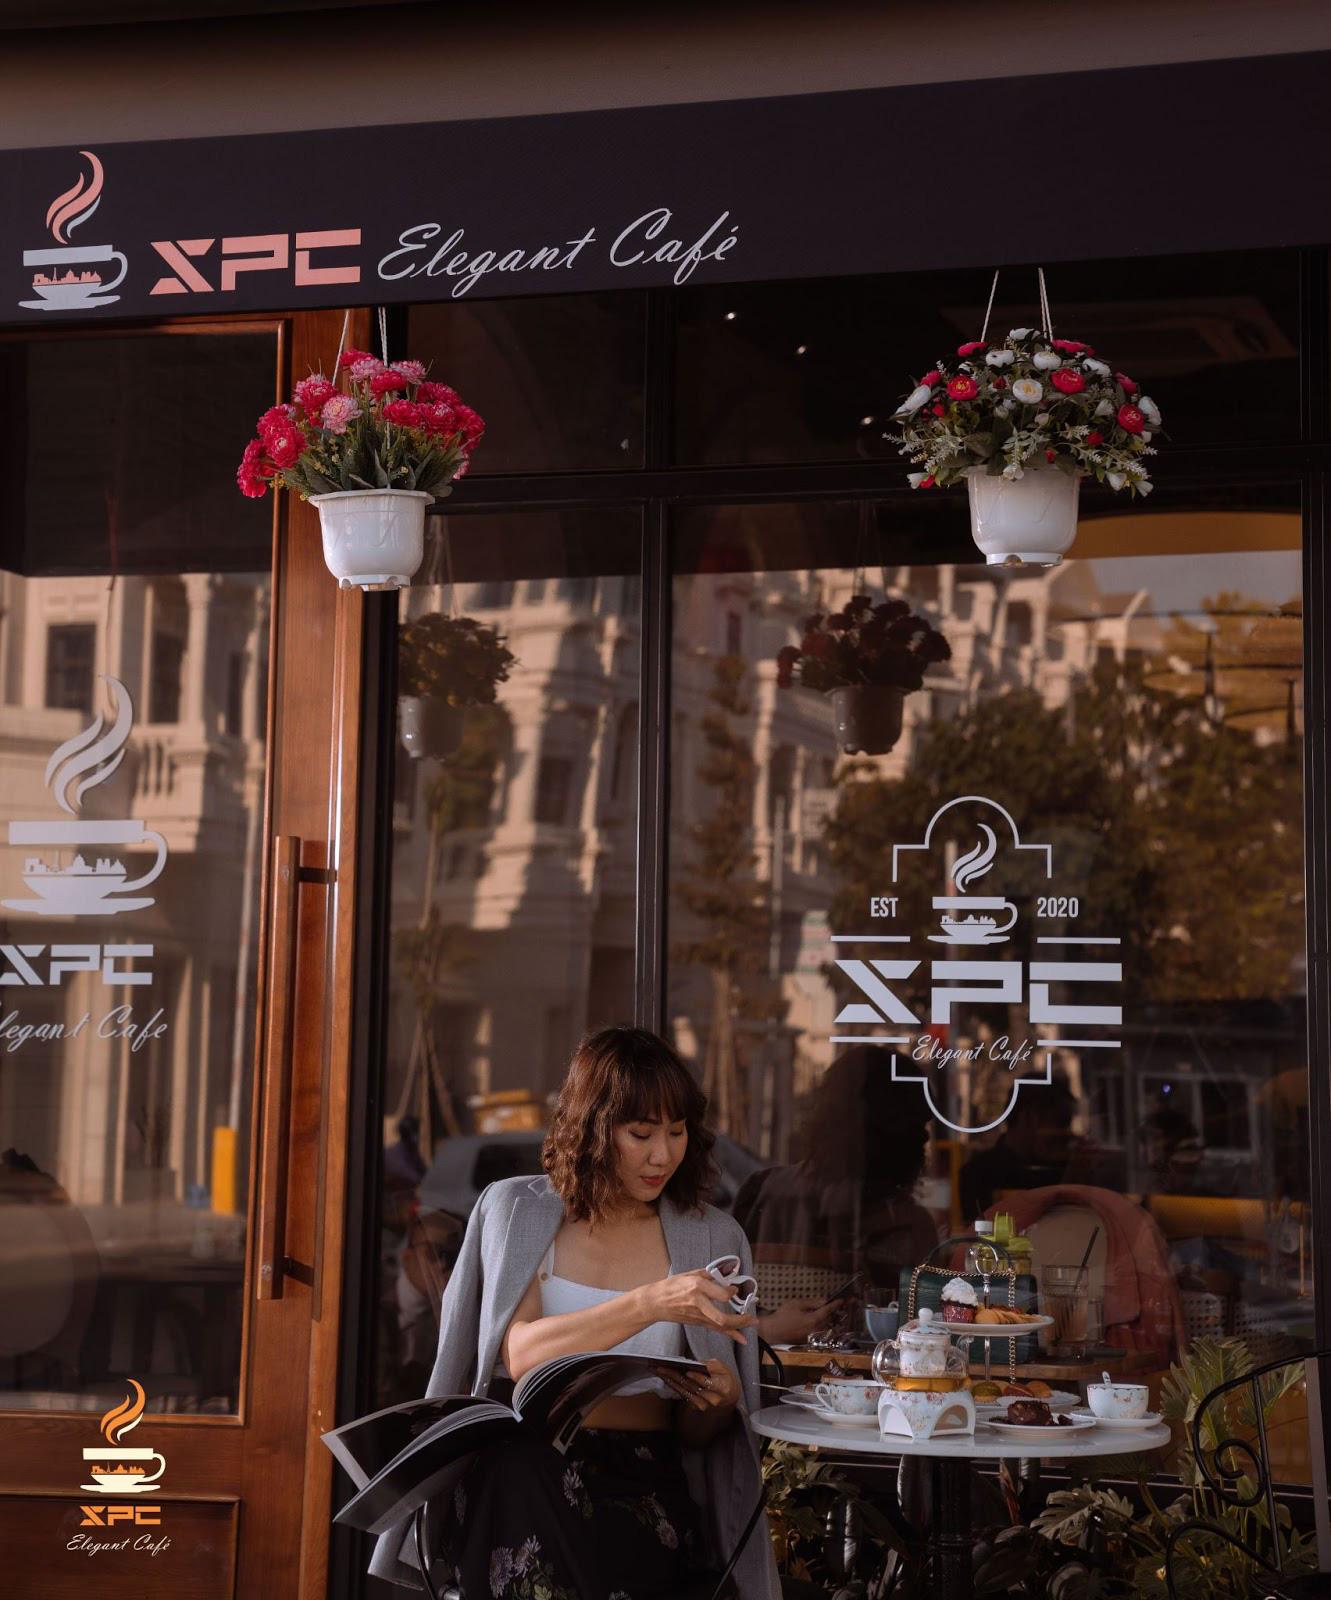 SPC Elegant Café - Paris thu nhỏ giữa lòng Sài Gòn - Ảnh 1.